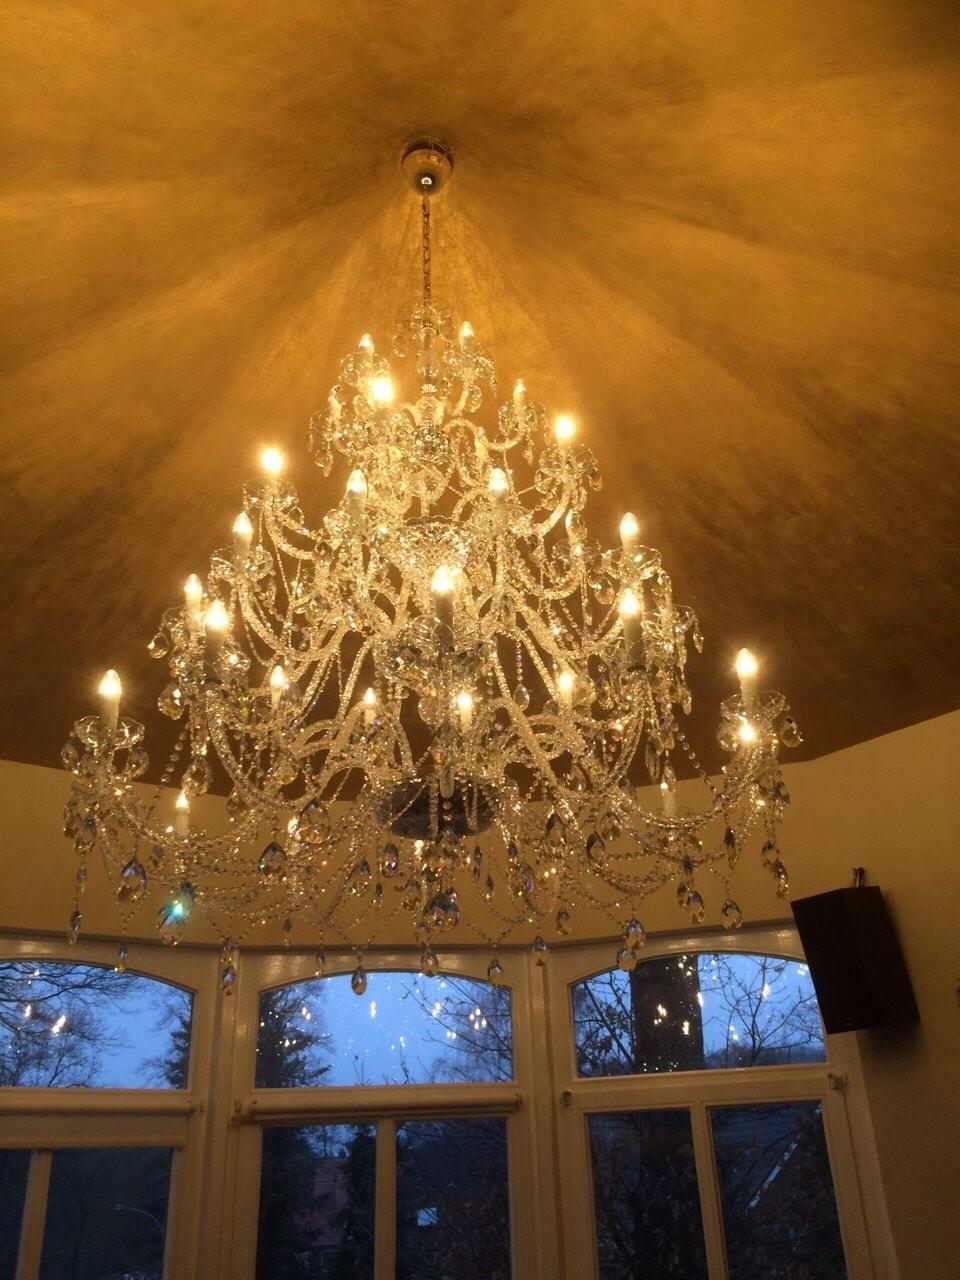 JWZ 116362101, interiér, Grandiose v interiéru, Německo restaurace Gold and Grey 2014  (6).jpg